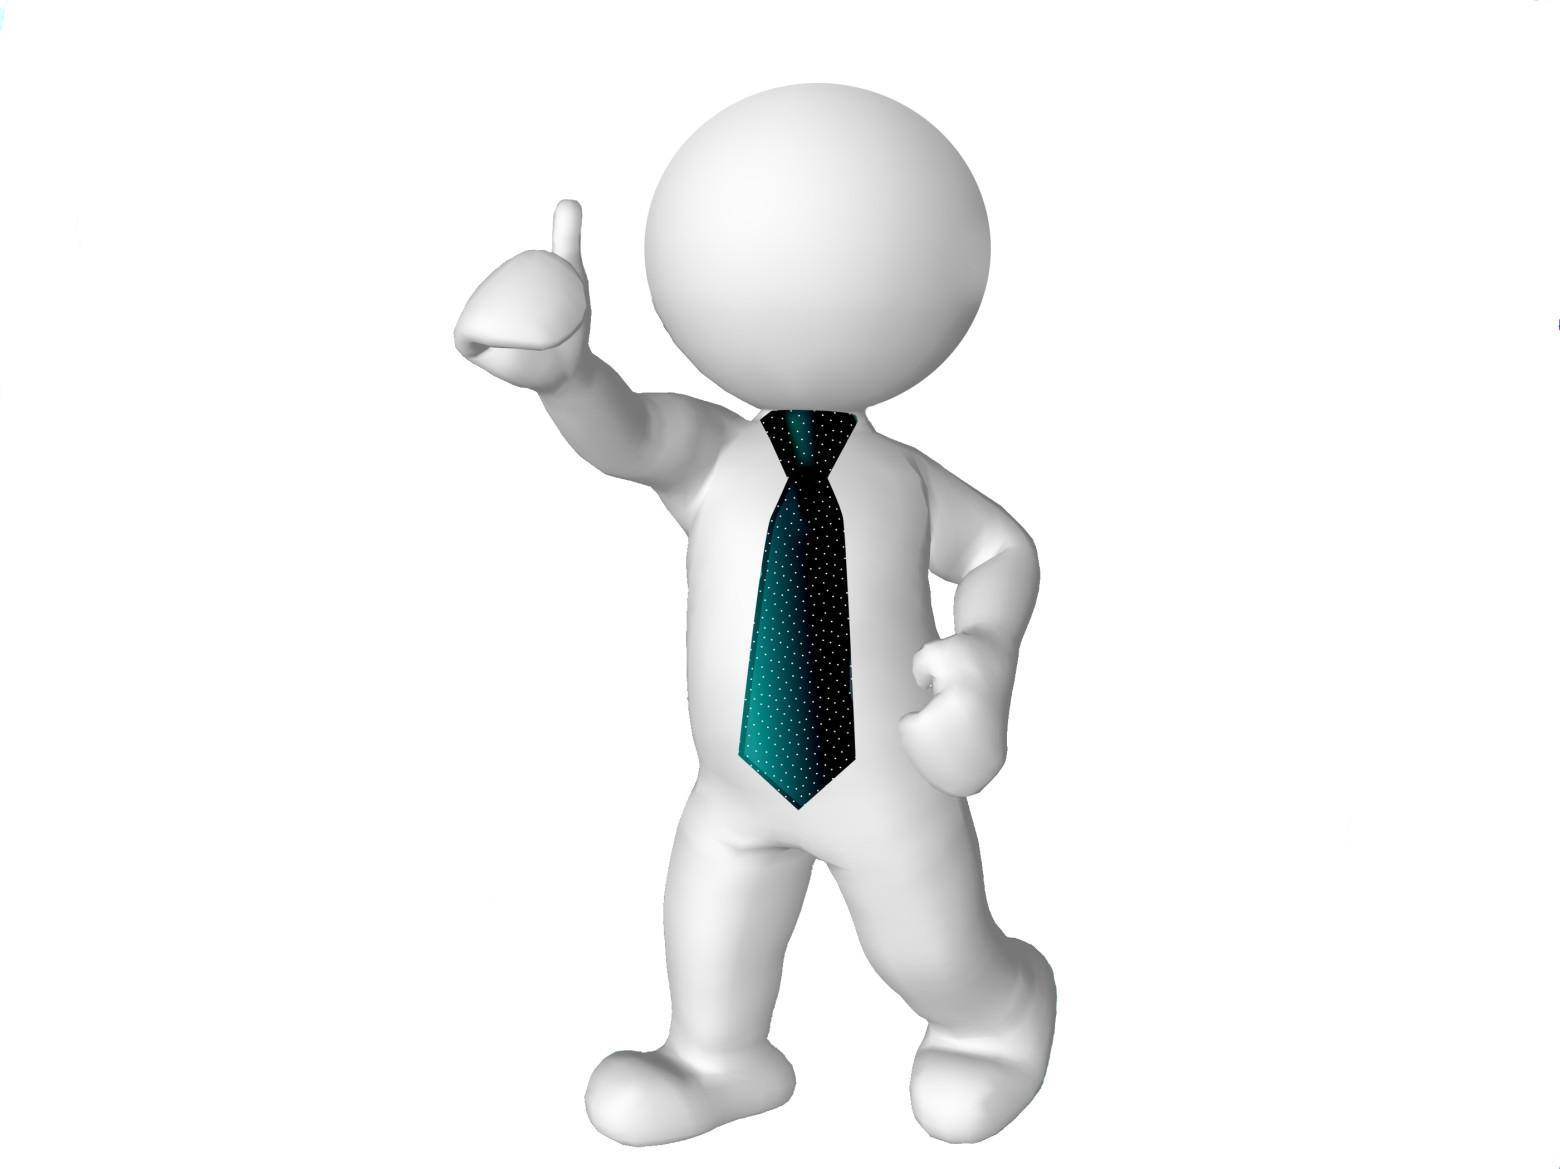 bonhomme blanc 3d images gratuites creative commons